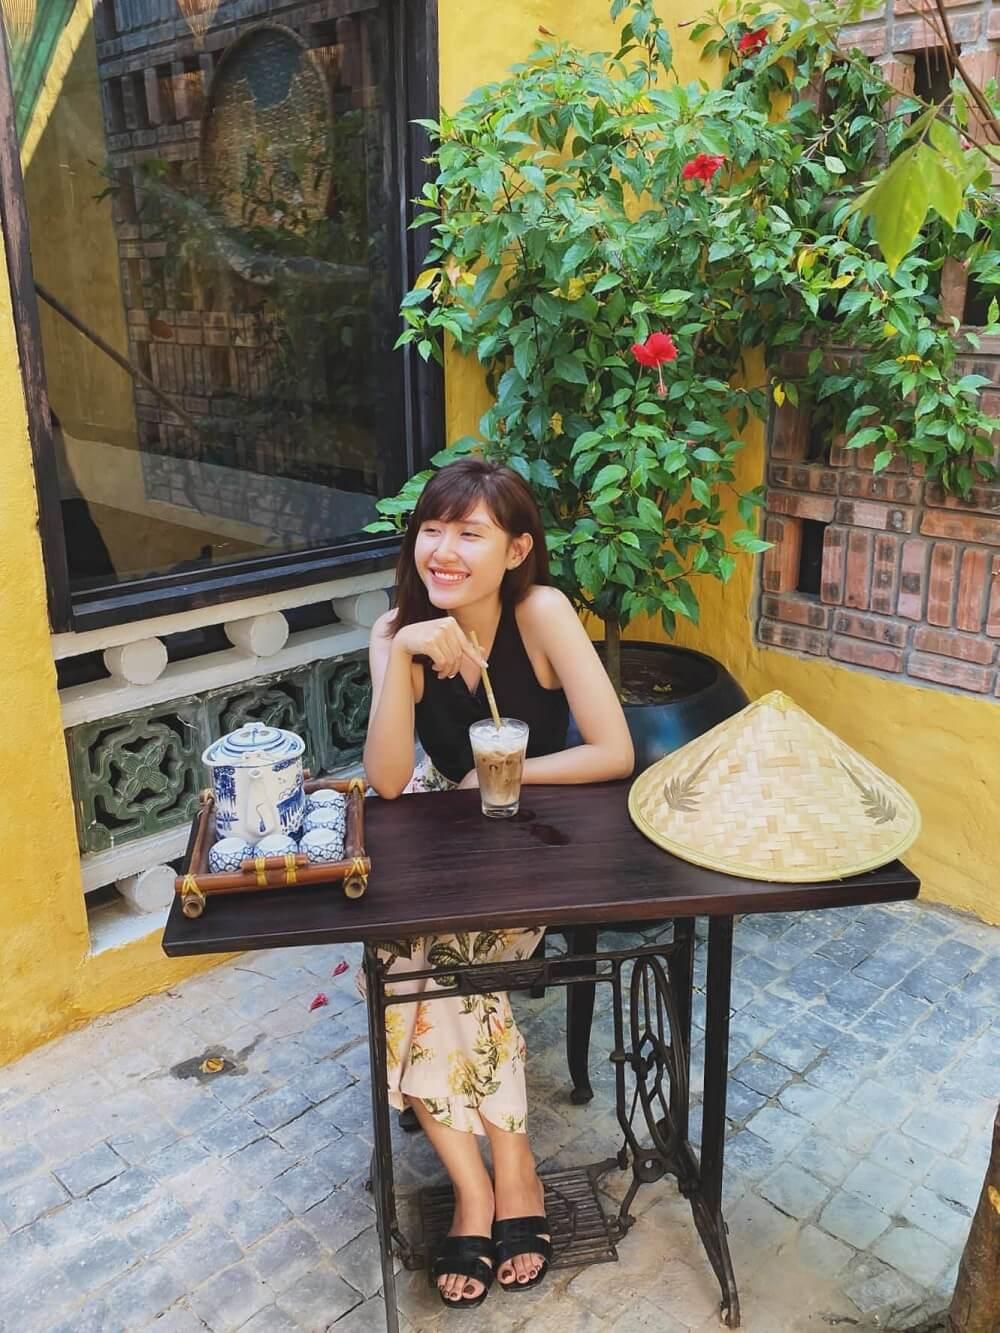 Xiu Cafe Hoi An Giua Long Da Nang Fantasticity Com 128 130 Nguyen Thi Minh Khai 01